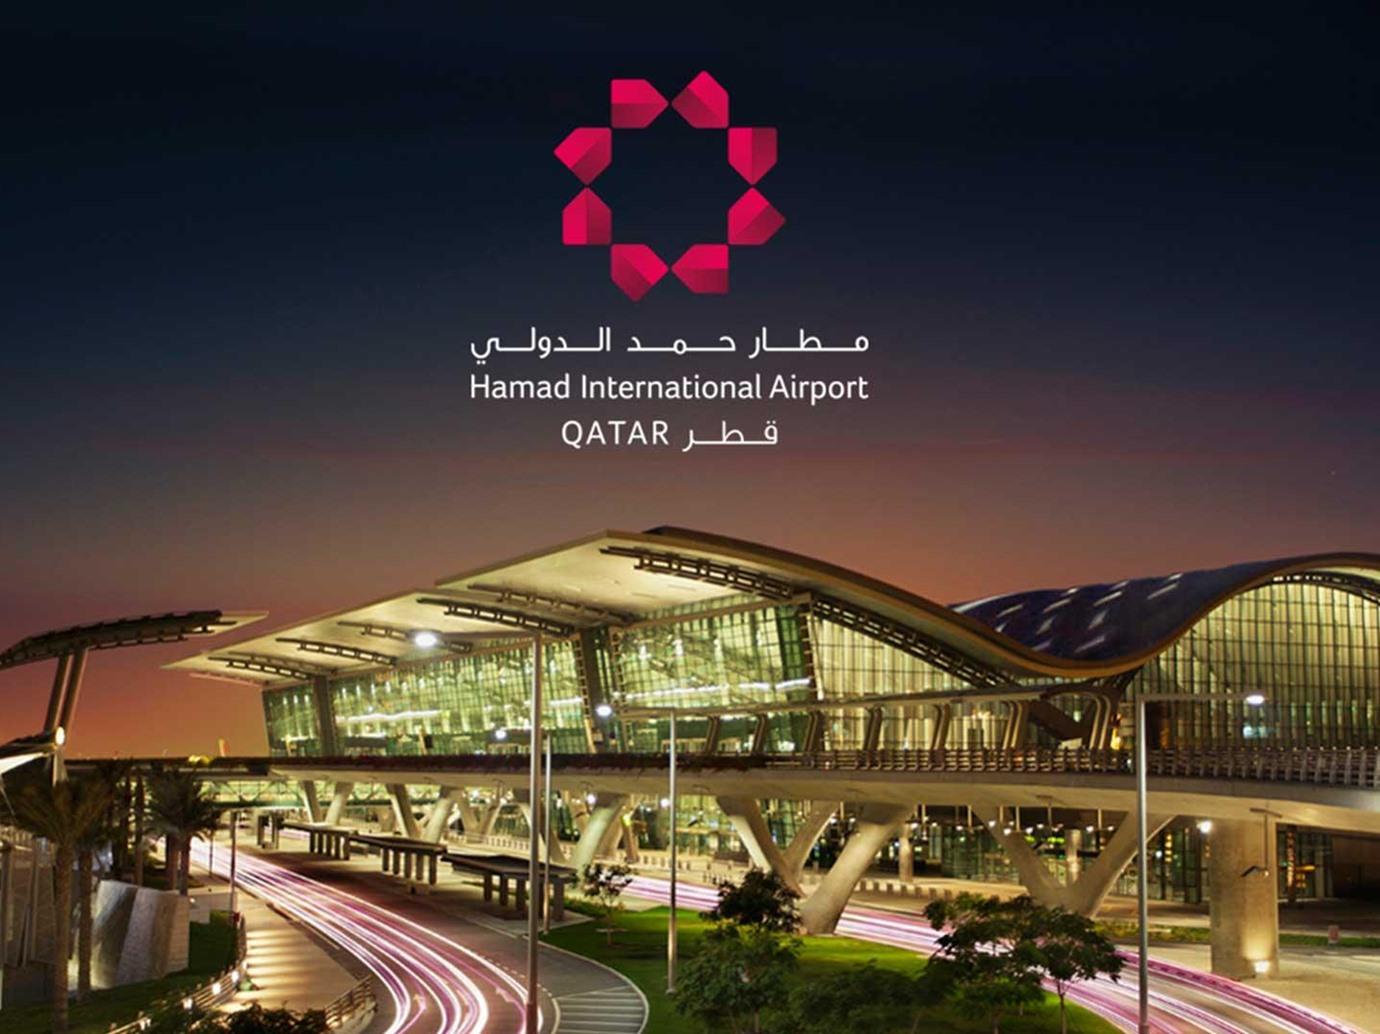 Resultado de imagen para مطار حمد الدولي